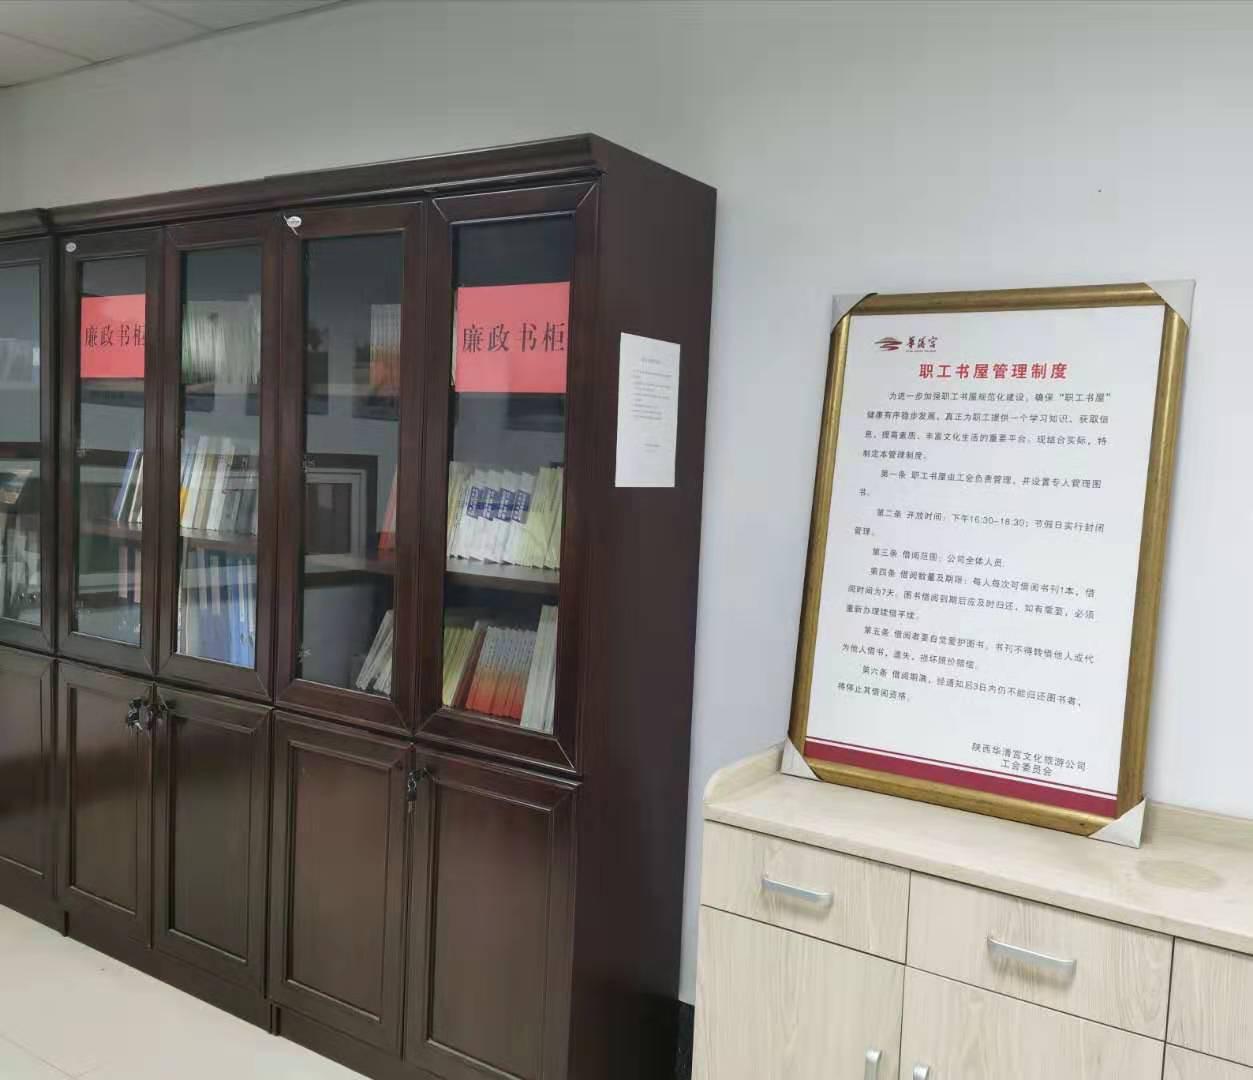 华清宫公司纪委设立廉政书柜